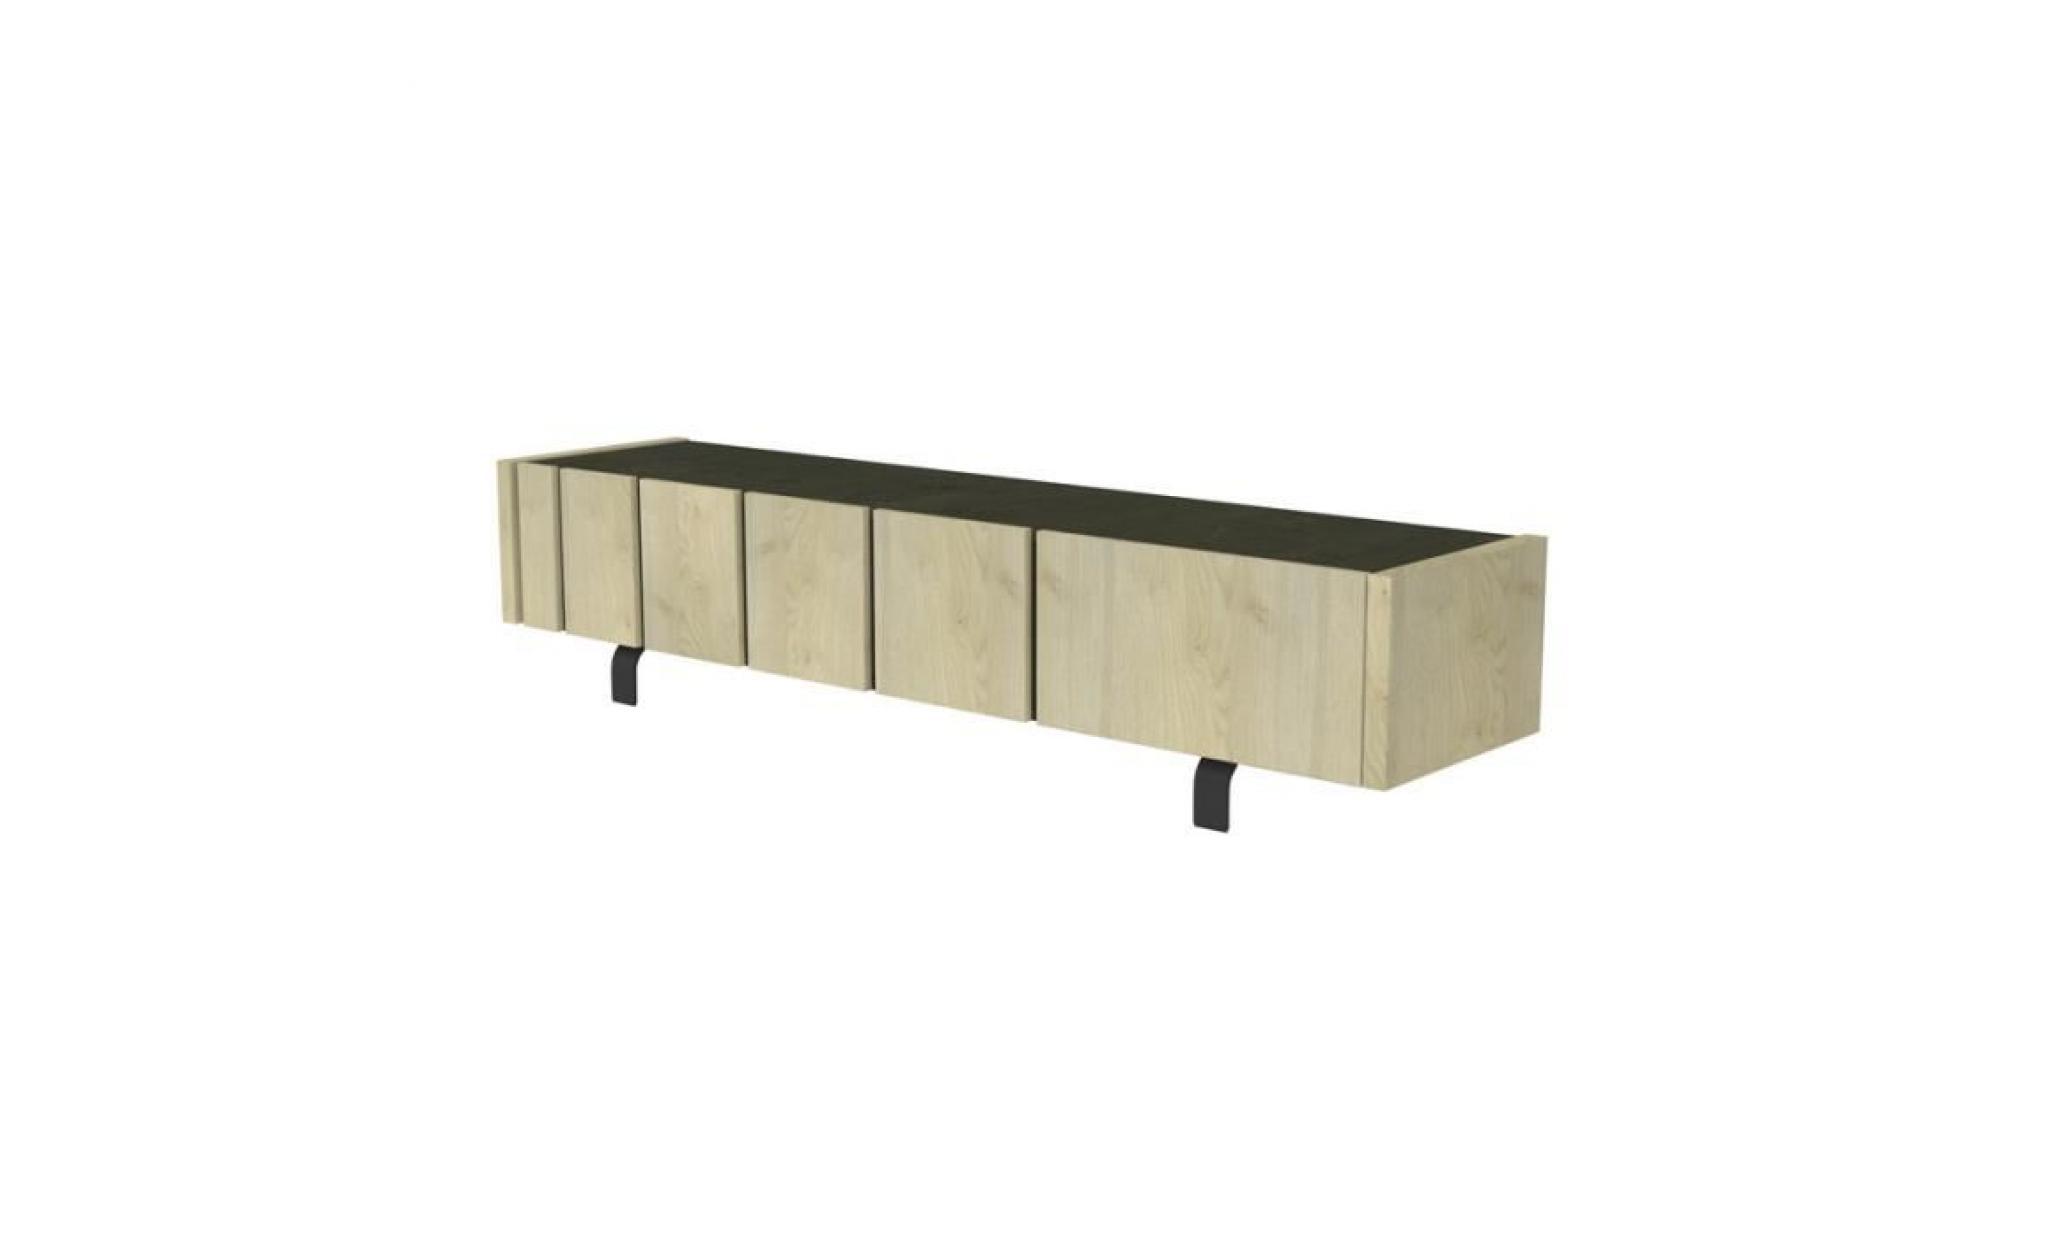 meuble tv 3 portes chêne clair/ardoise forest l 190 x l 45 x h 45